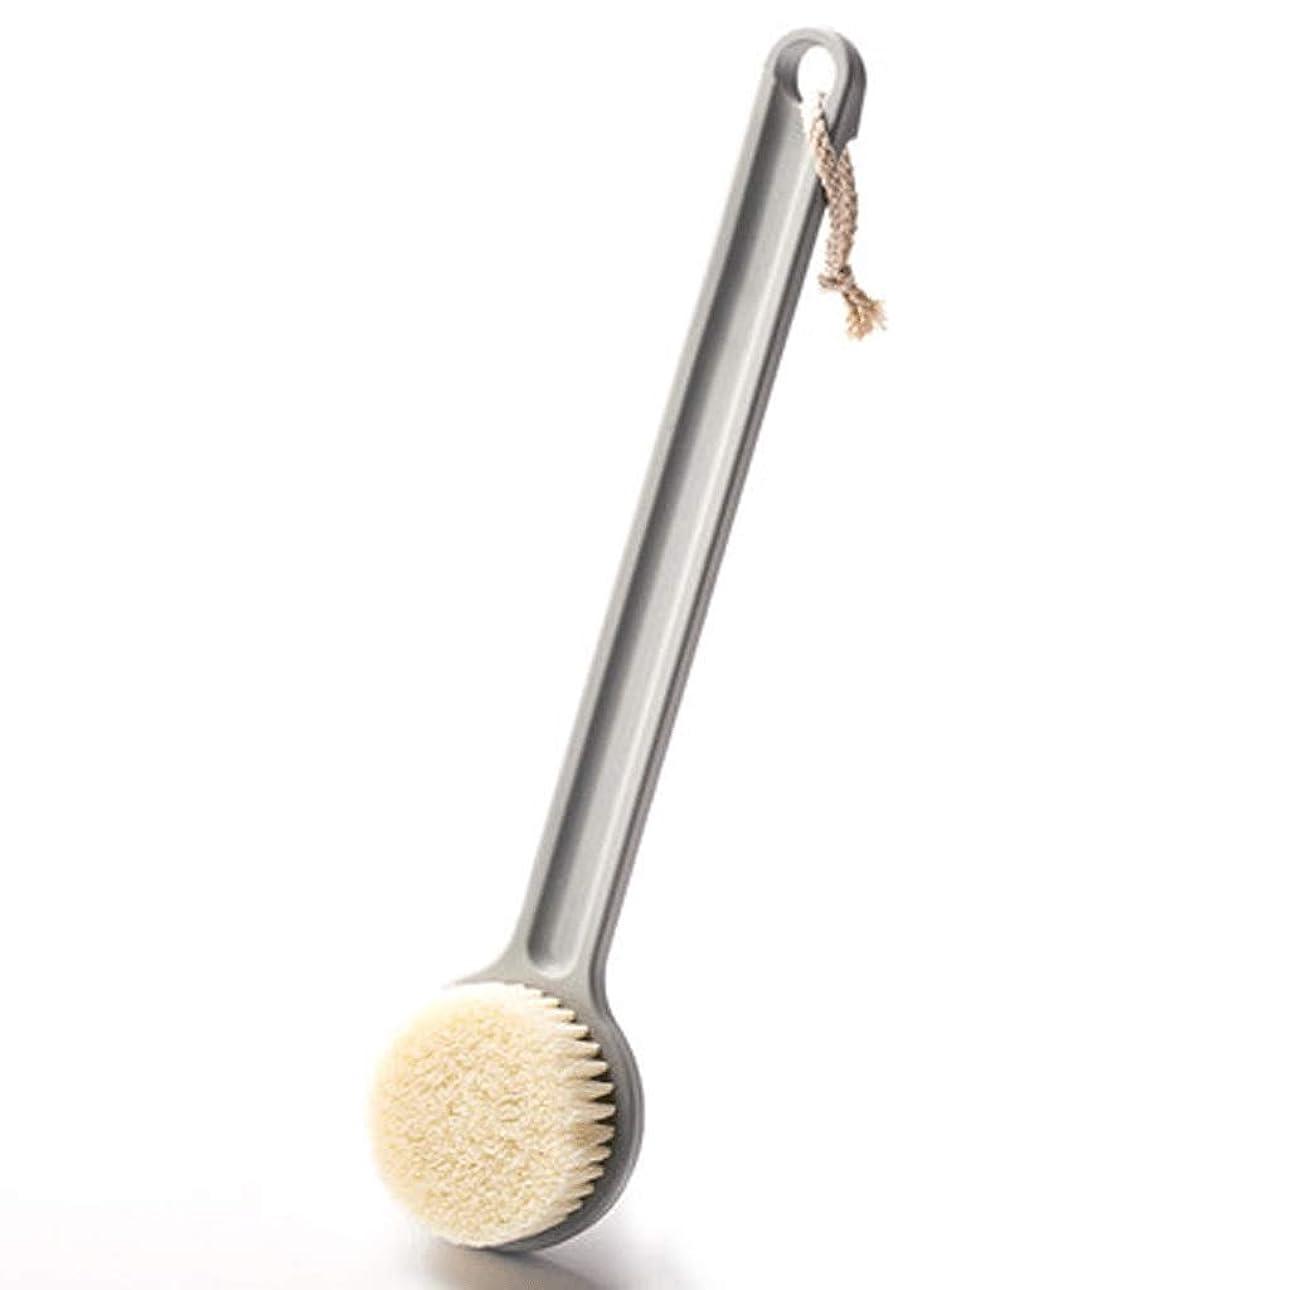 認証スタンド不適当バスブラシバックブラシロングハンドルやわらかい毛髪バスブラシバスブラシ角質除去クリーニングブラシ (Color : Gray)